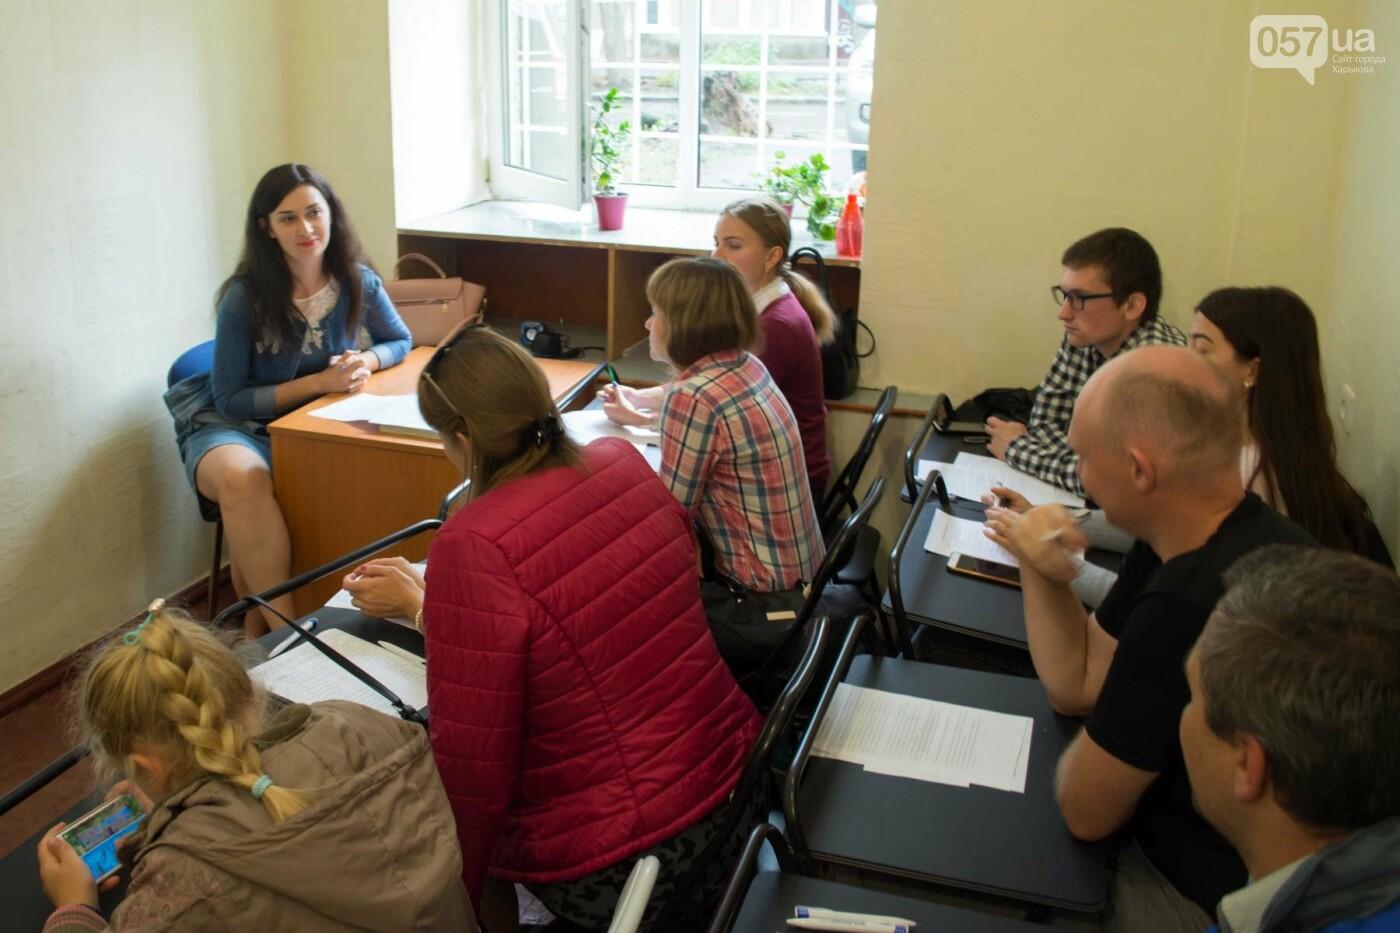 Курсы английского в Харькове ᐈ куда пойти учить английский?, фото-49